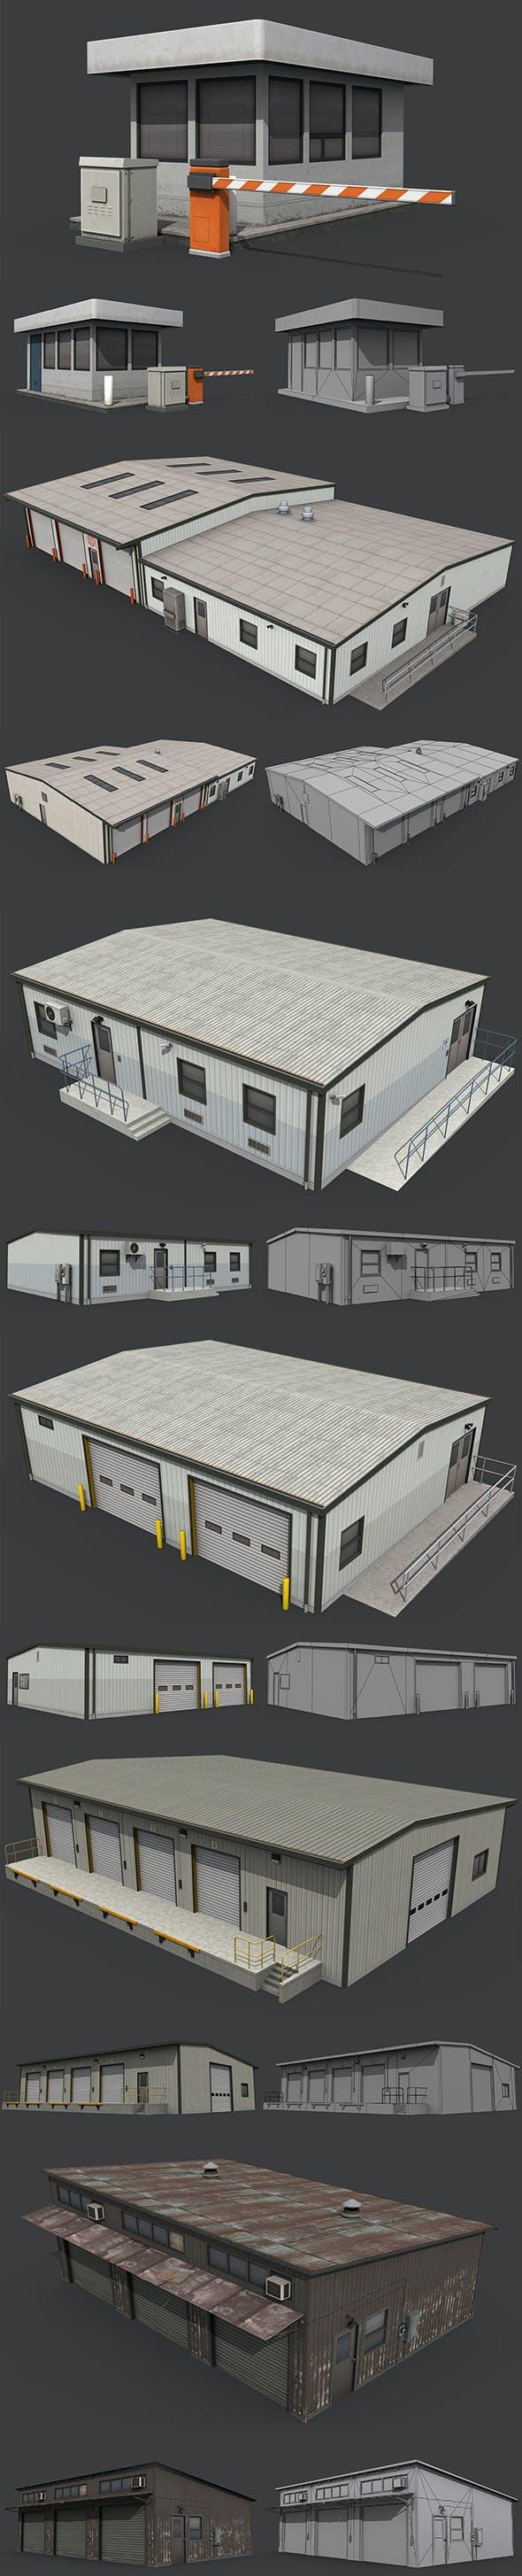 Industrial Buildings Pack - 3DOcean Item for Sale